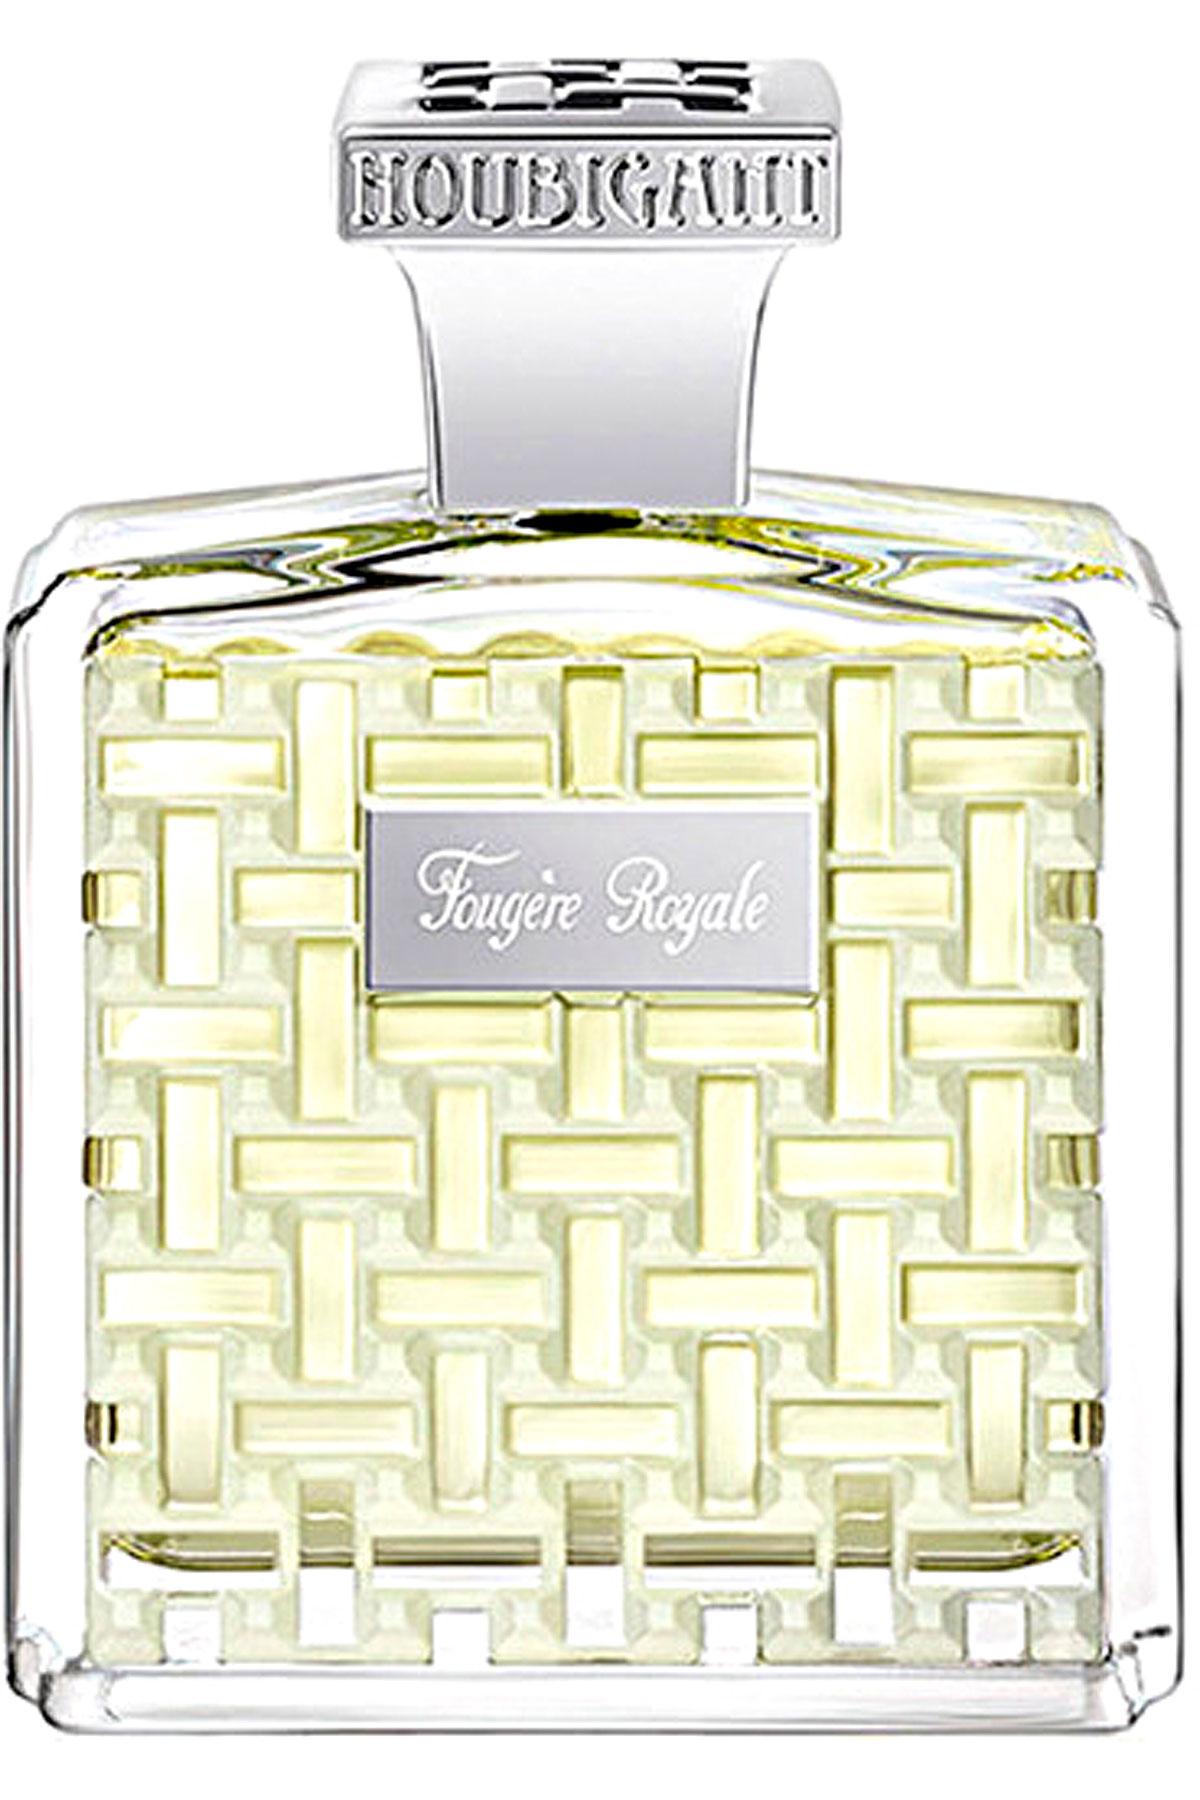 Houbigant Paris Fragrances for Men, Fougere Royale - Eau De Parfum - 100 Ml, 2019, 100 ml